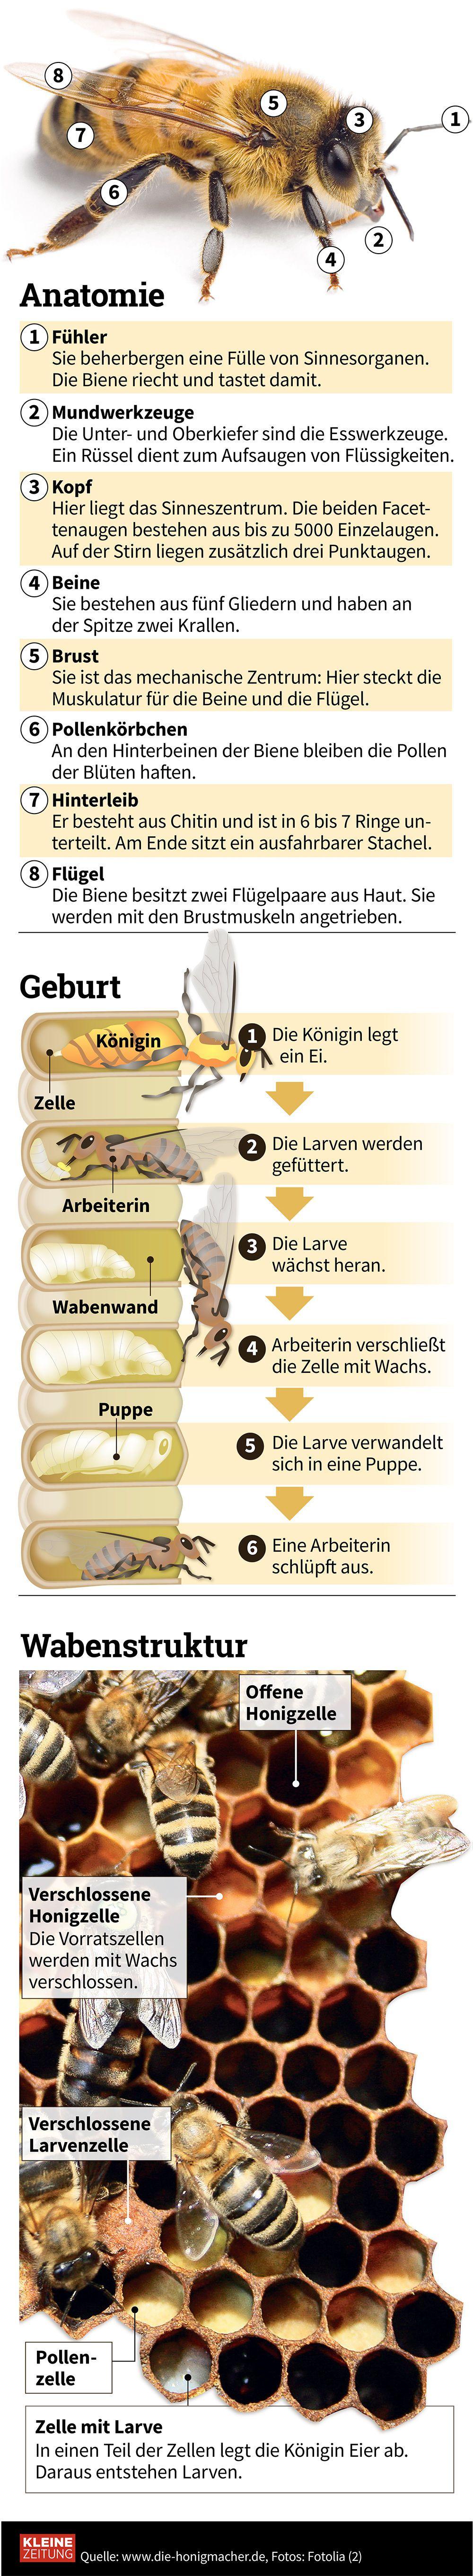 Grafik des Tages: Honigbienen in Gefahr « kleinezeitung.at